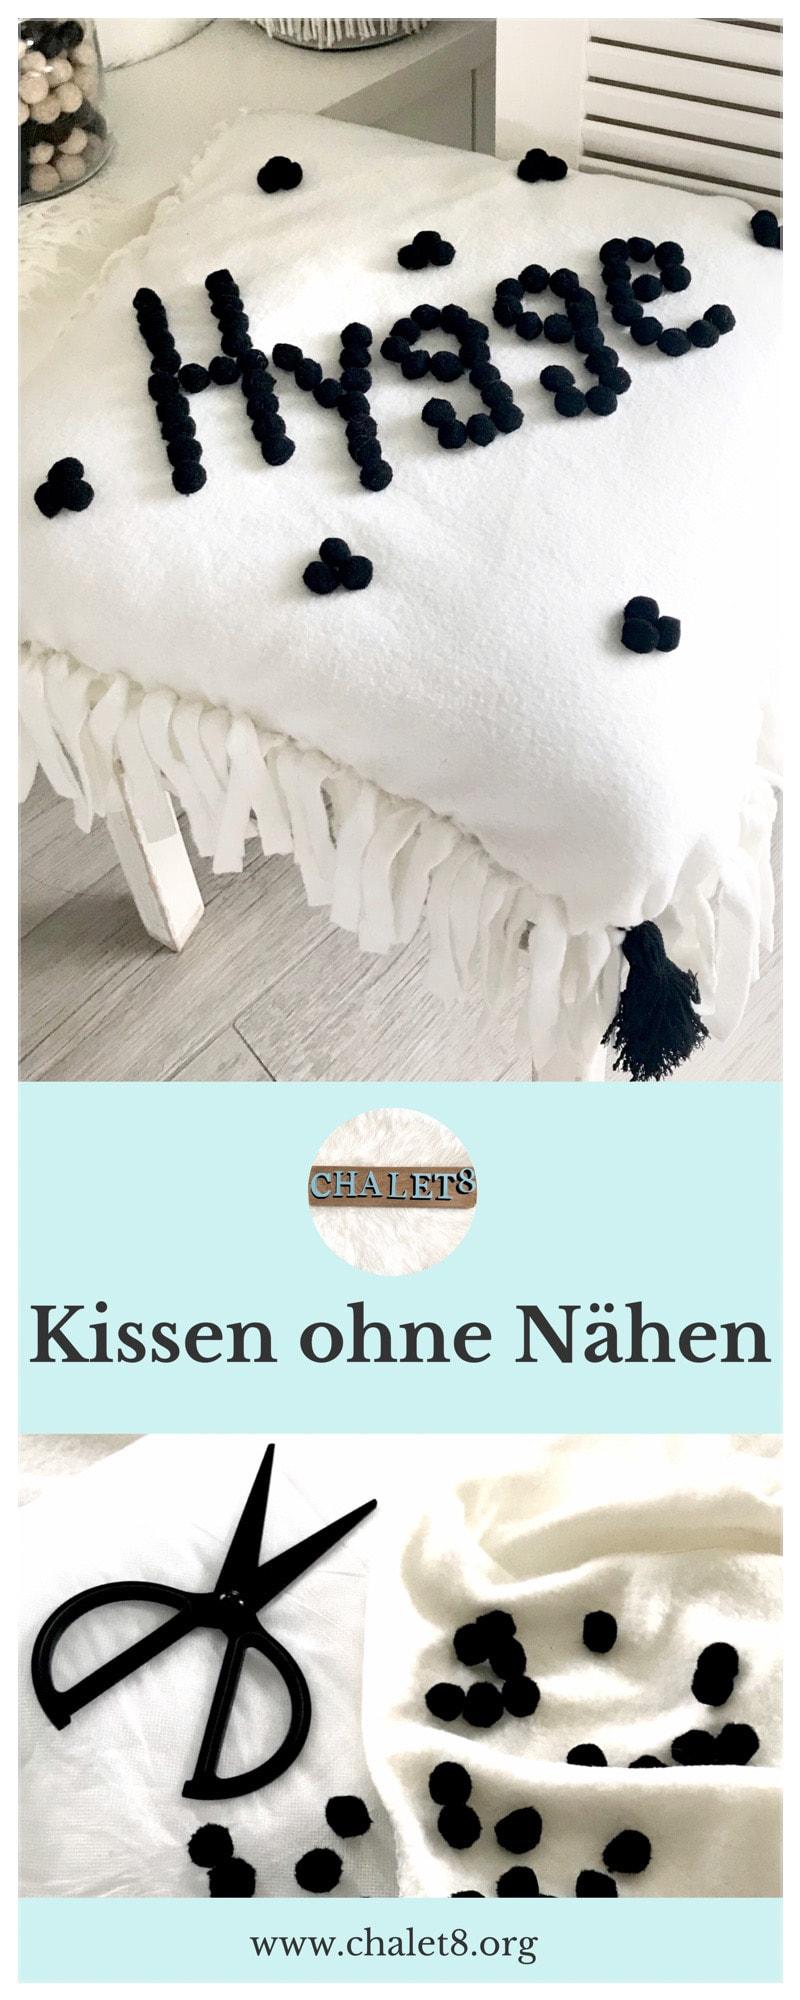 Hyggeliges Kissen ohne Nähen selber machen, Kissenbezug ohne Nähen mit Pom Poms selbst gestalten, Einfaches Kissen DIY, No-Sew Kissen basteln. #Chalet8, #Kissen #nosew #DIYkissen #hygge